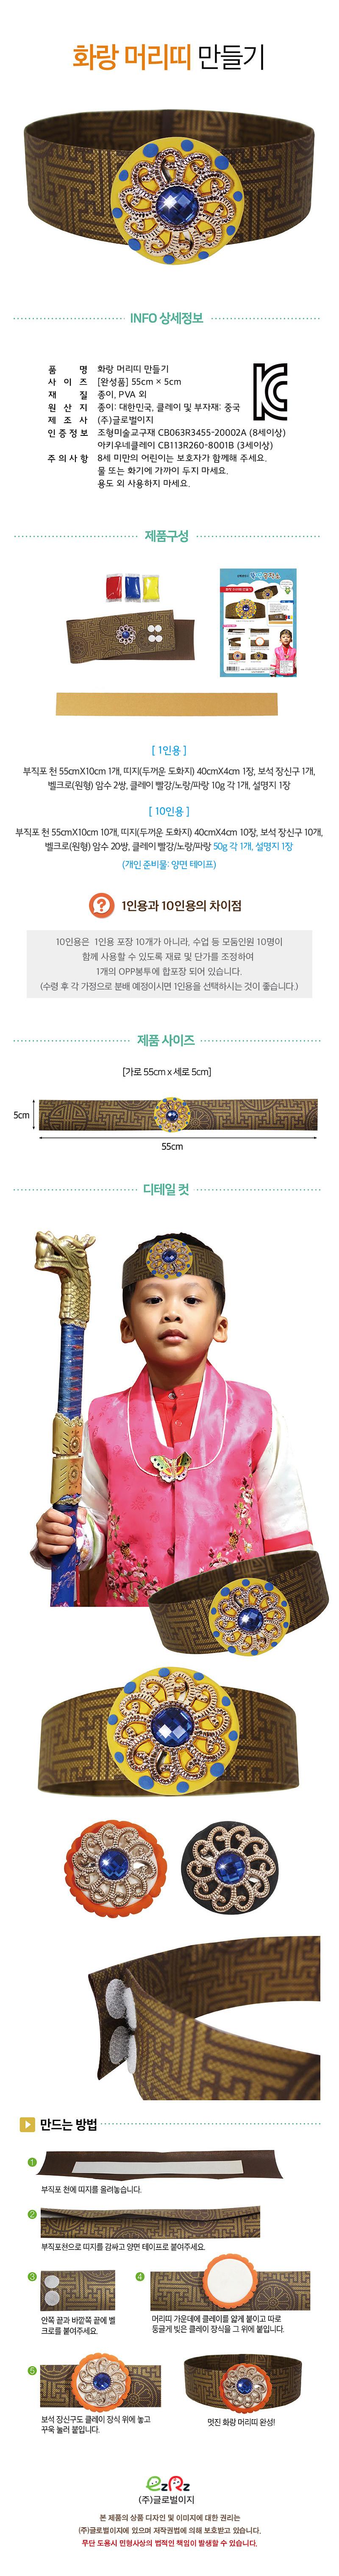 화랑 머리띠 만들기(1세트) - 이지피아, 2,100원, 종이공예/북아트, 종이공예 패키지